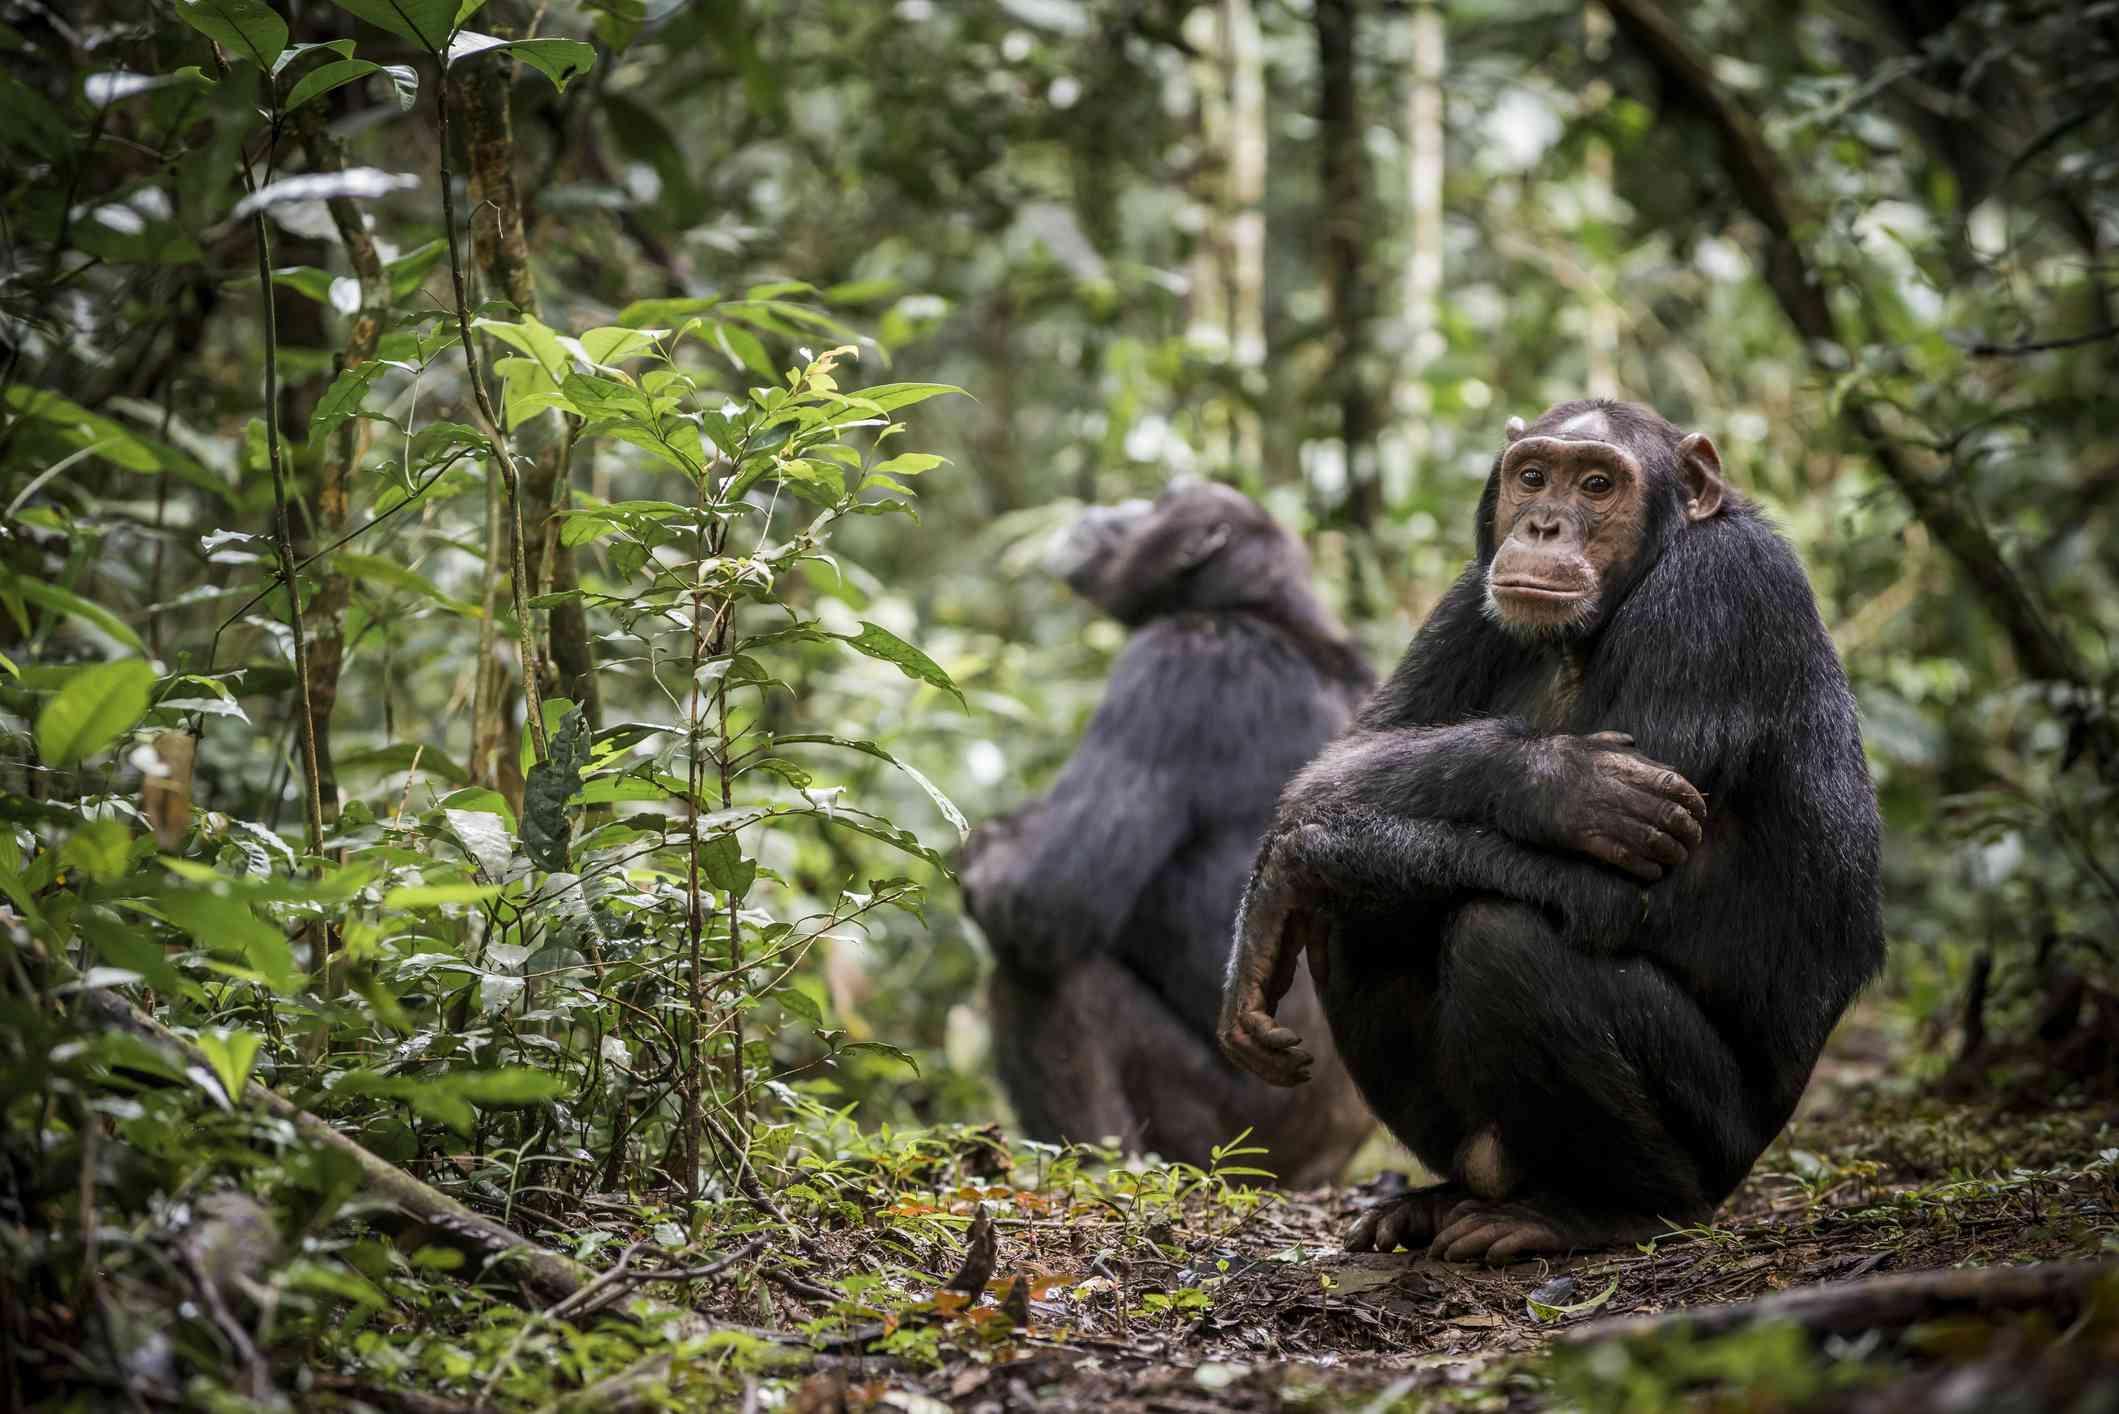 Chimpanzees in Kibale National Park, Uganda